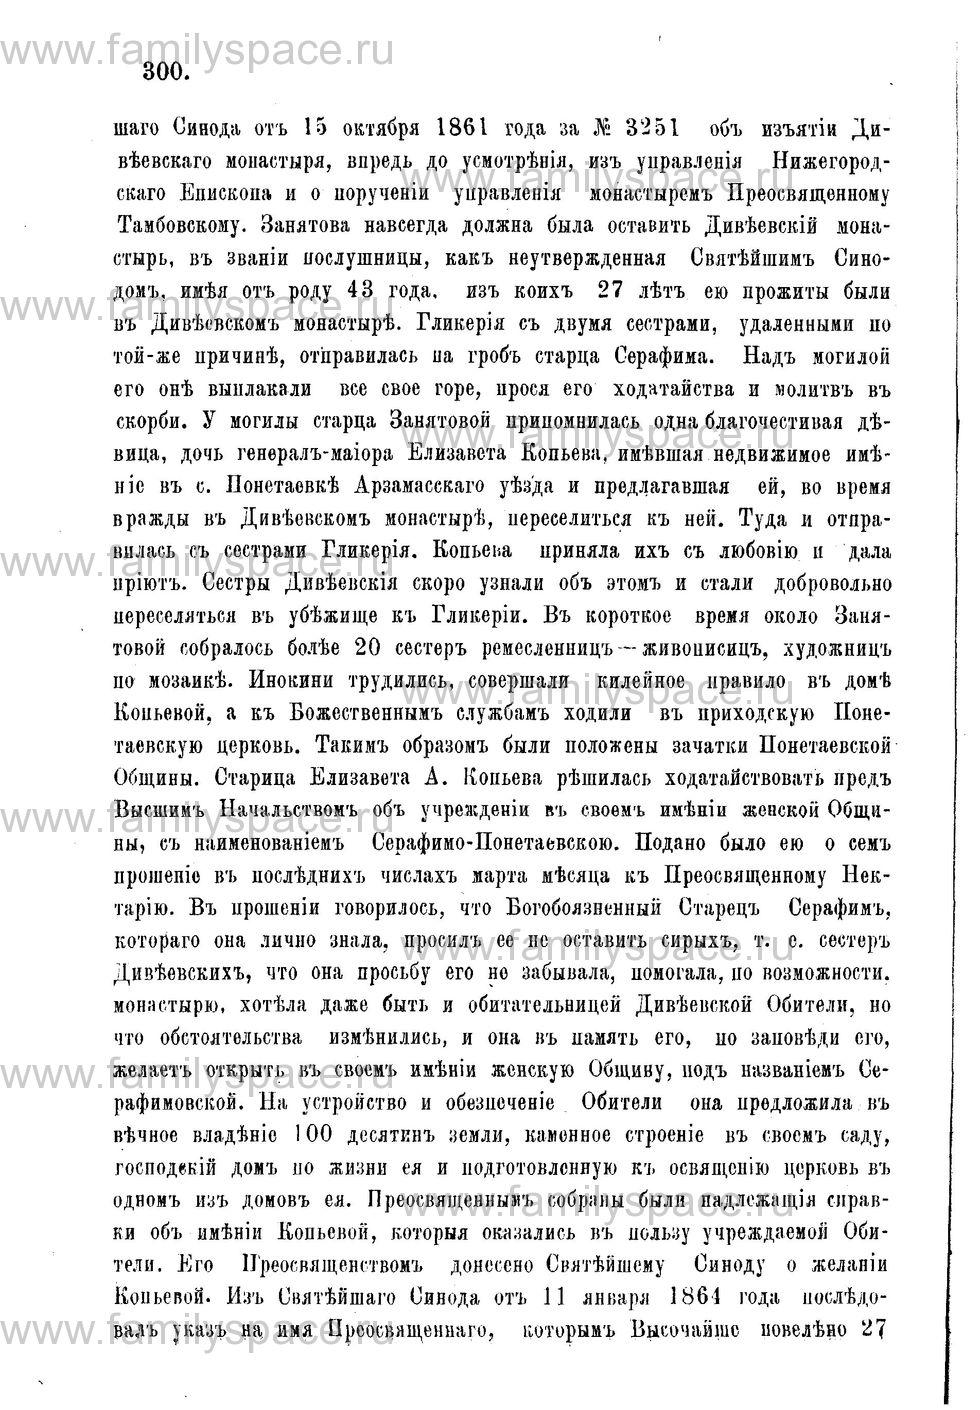 Поиск по фамилии - Адрес-календарь Нижегородской епархии на 1888 год, страница 1300